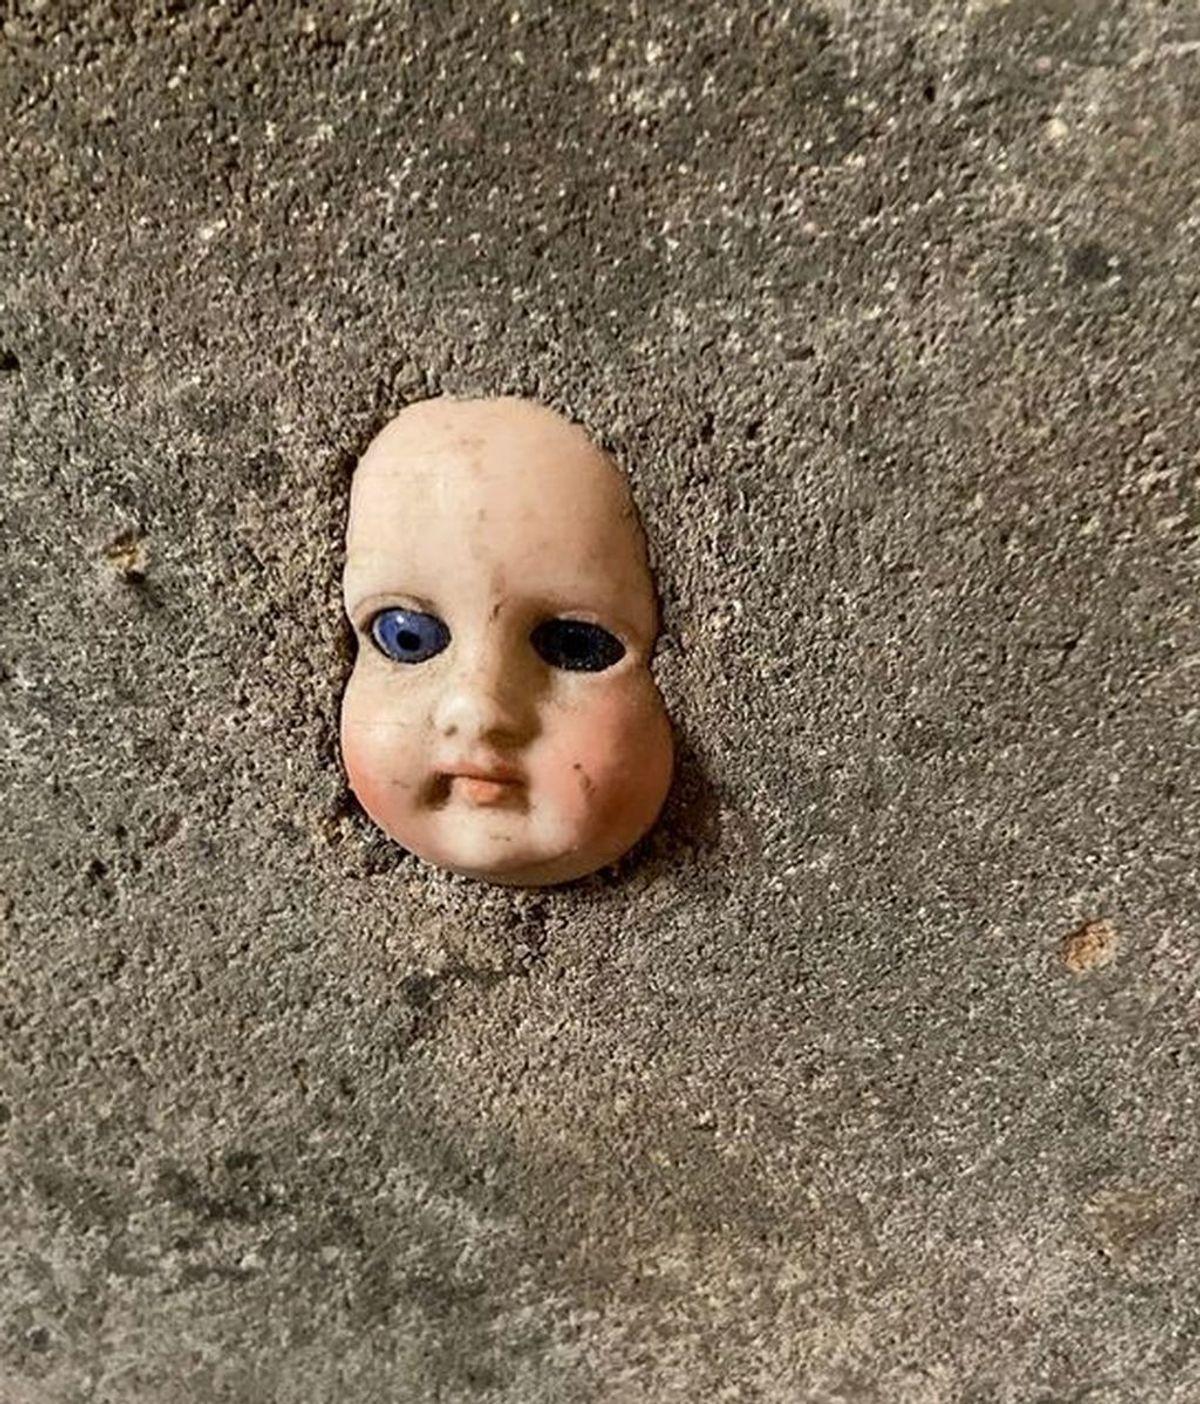 Espeluznante descubrimiento que se vuelve viral: encuentra la cabeza de una muñeca enterrada en una pared de su casa